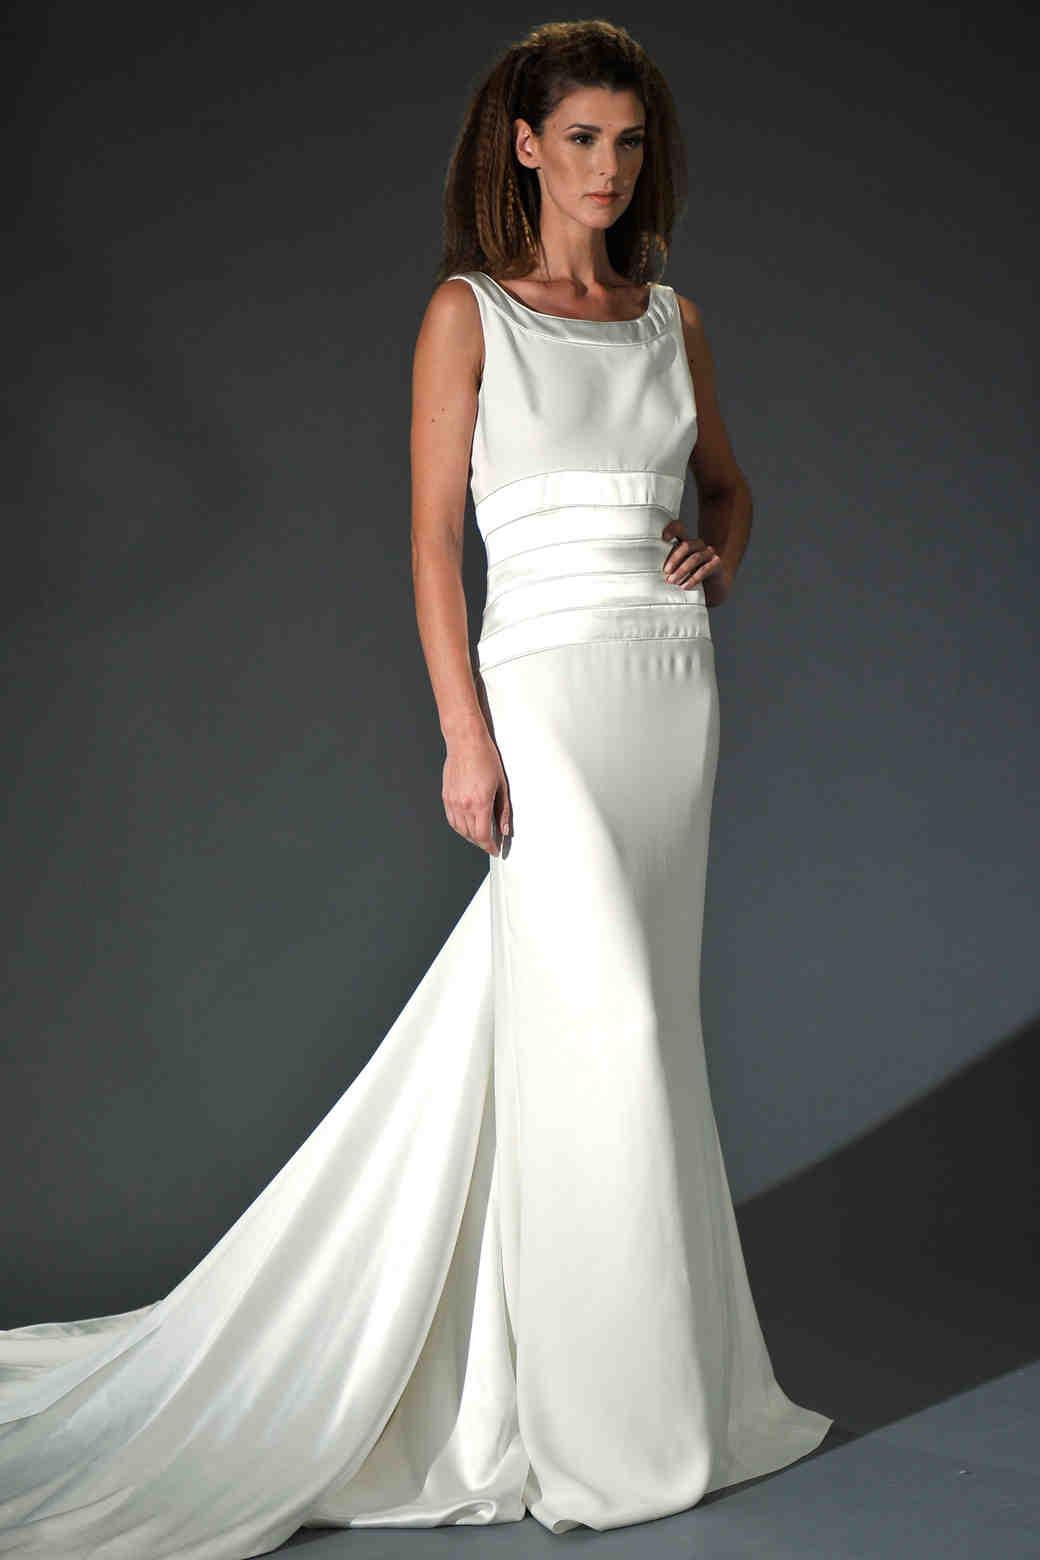 Modern Sheath Wedding Dresses Fall 2012 Bridal Fashion Week